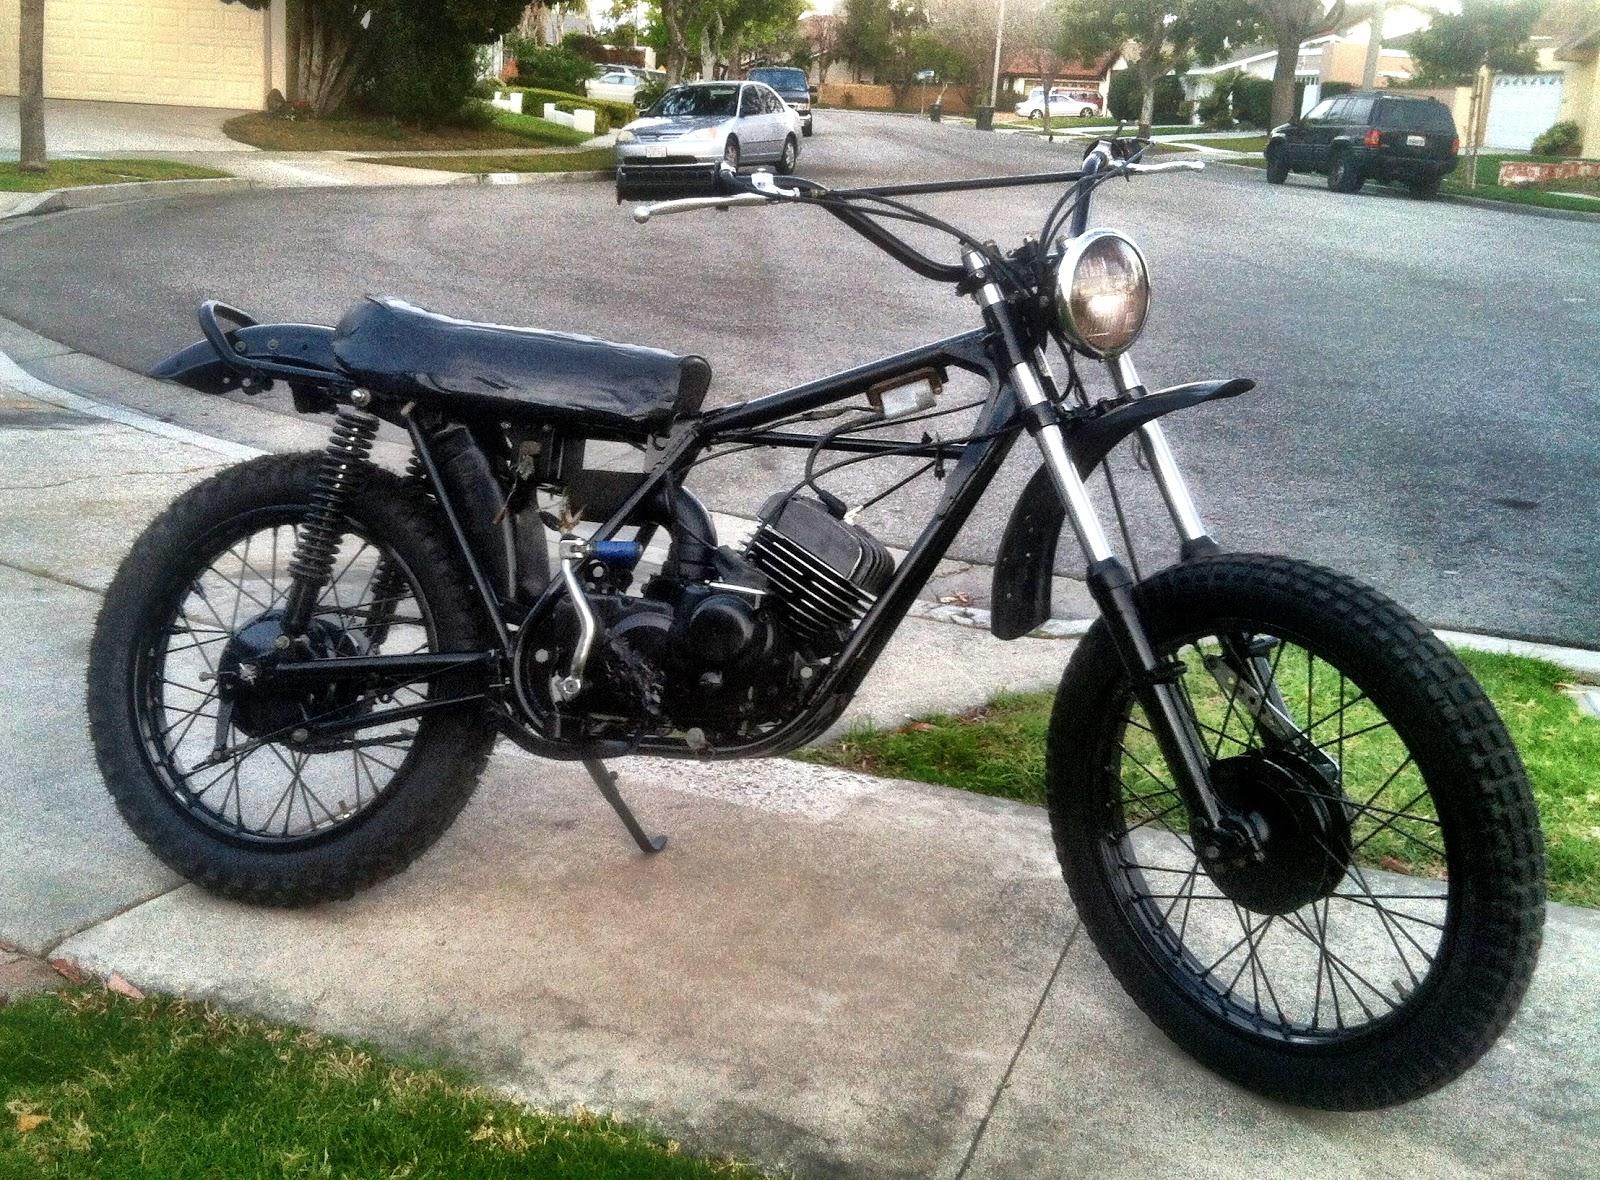 1971 Kawasaki F7 Dirt Bike Build